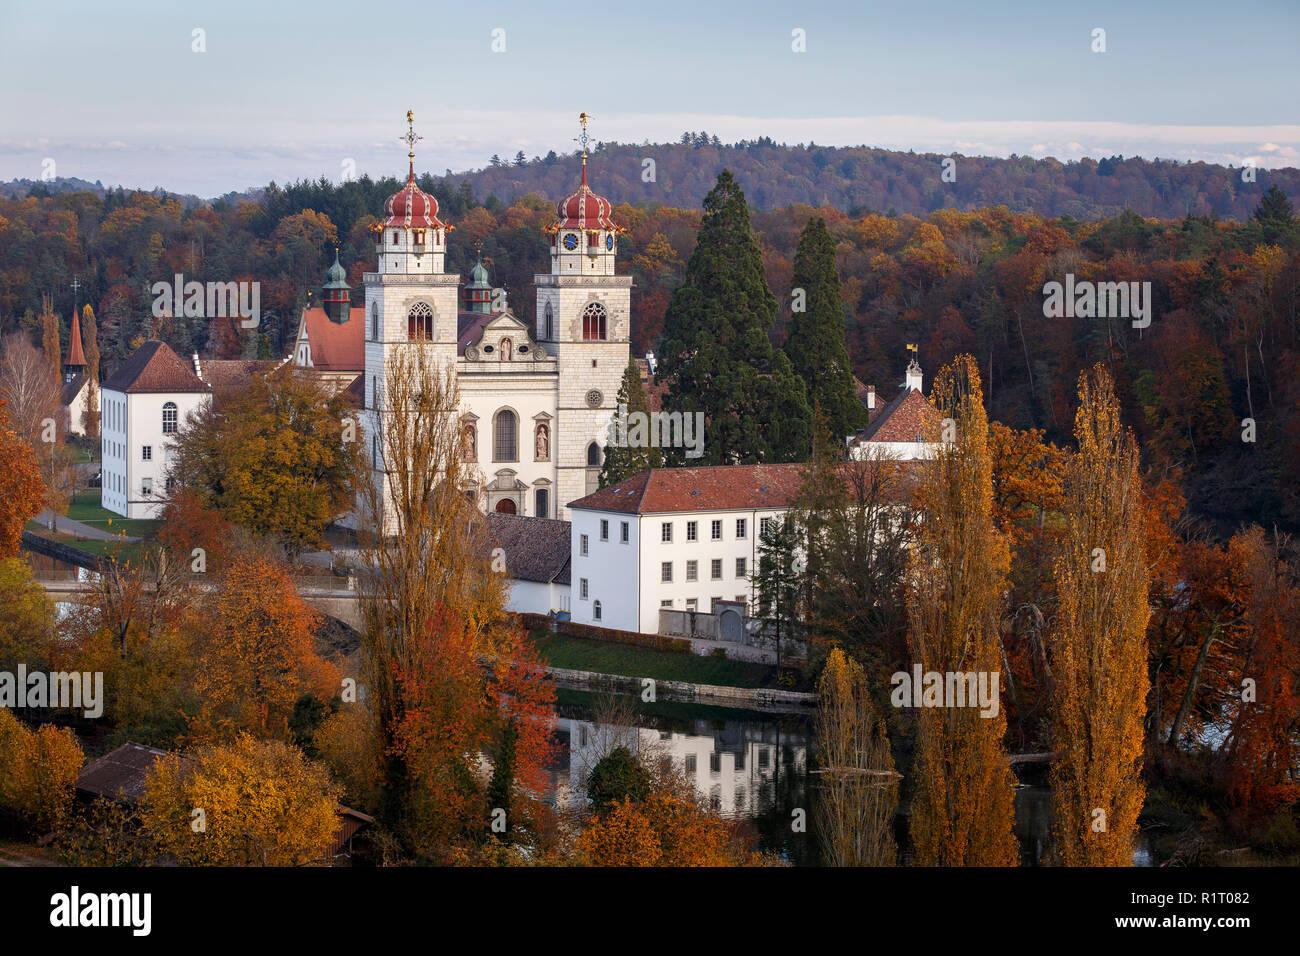 Benedictine Abbey in Rheinau, Canton of Zurich, Switzerland - Stock Image